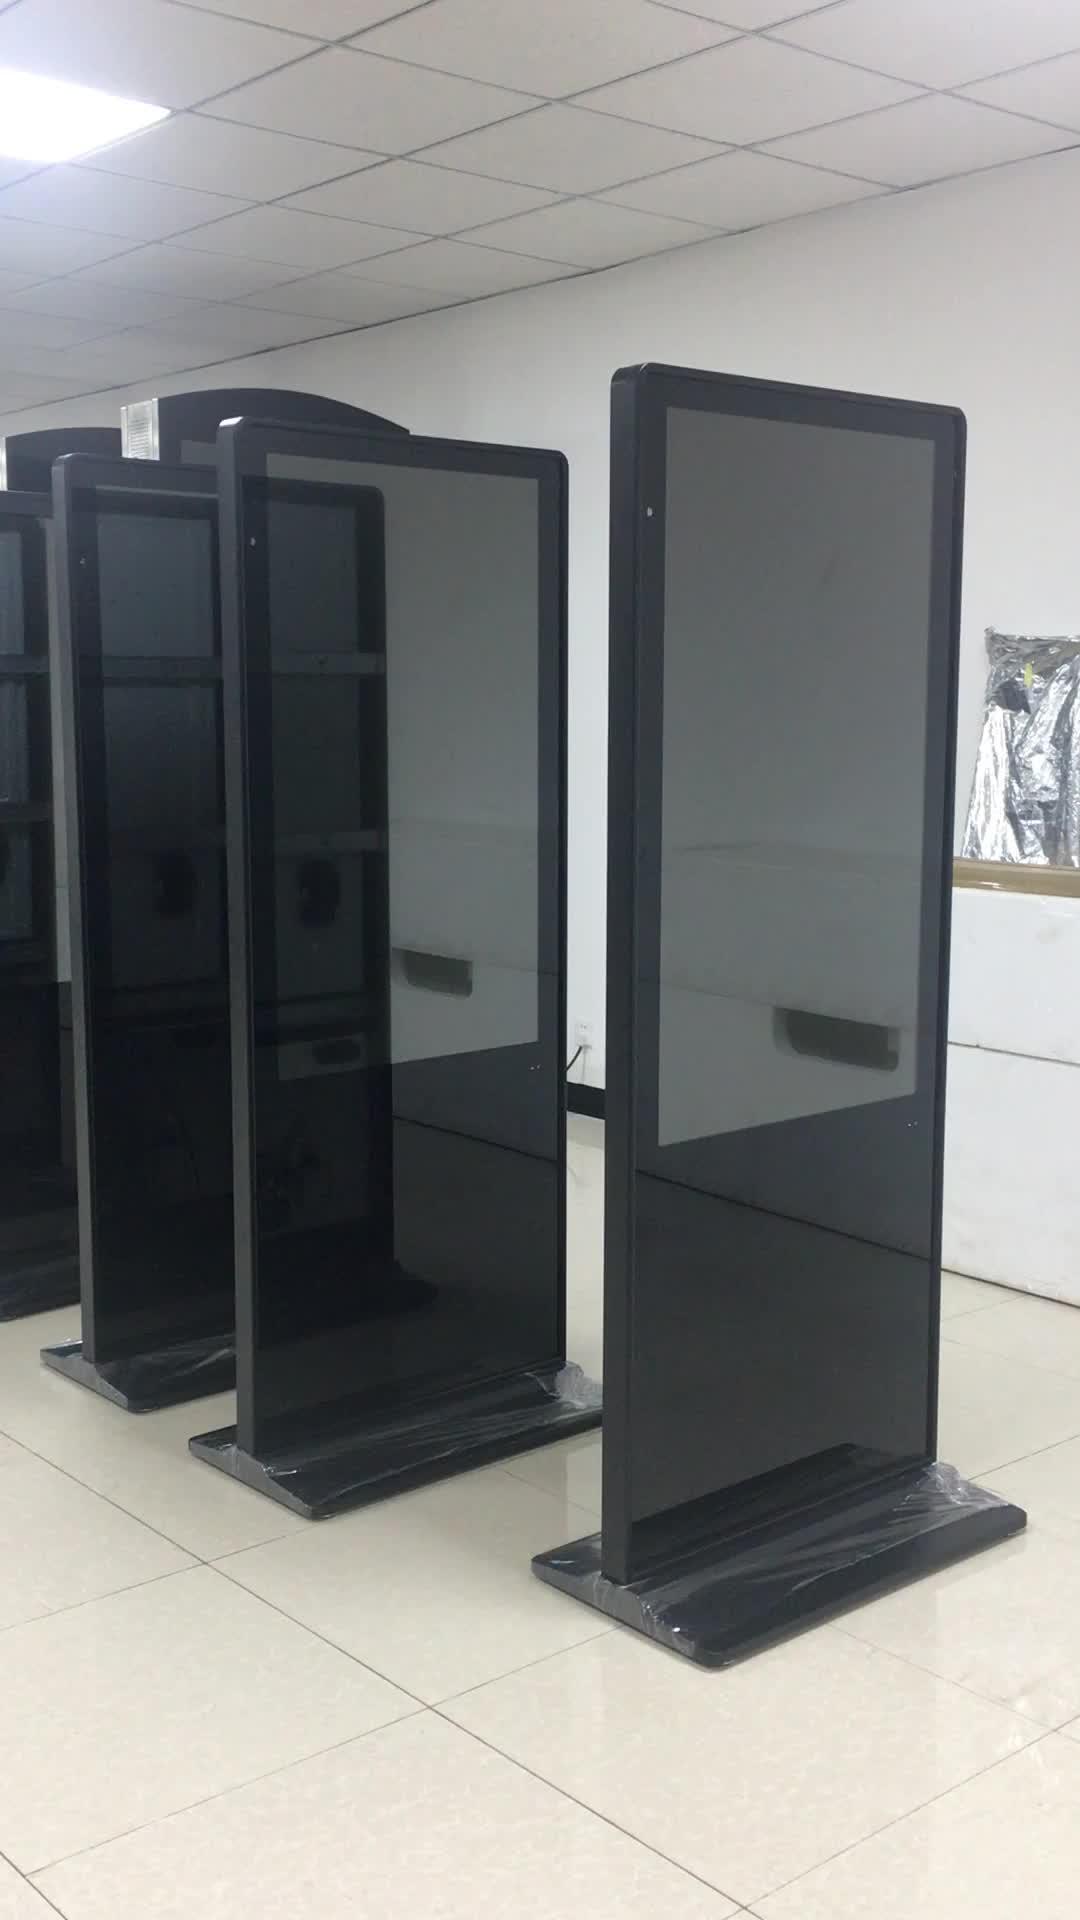 Design Ultra sottile supporto da pavimento touch digital signage chiosco display per la pubblicità video player